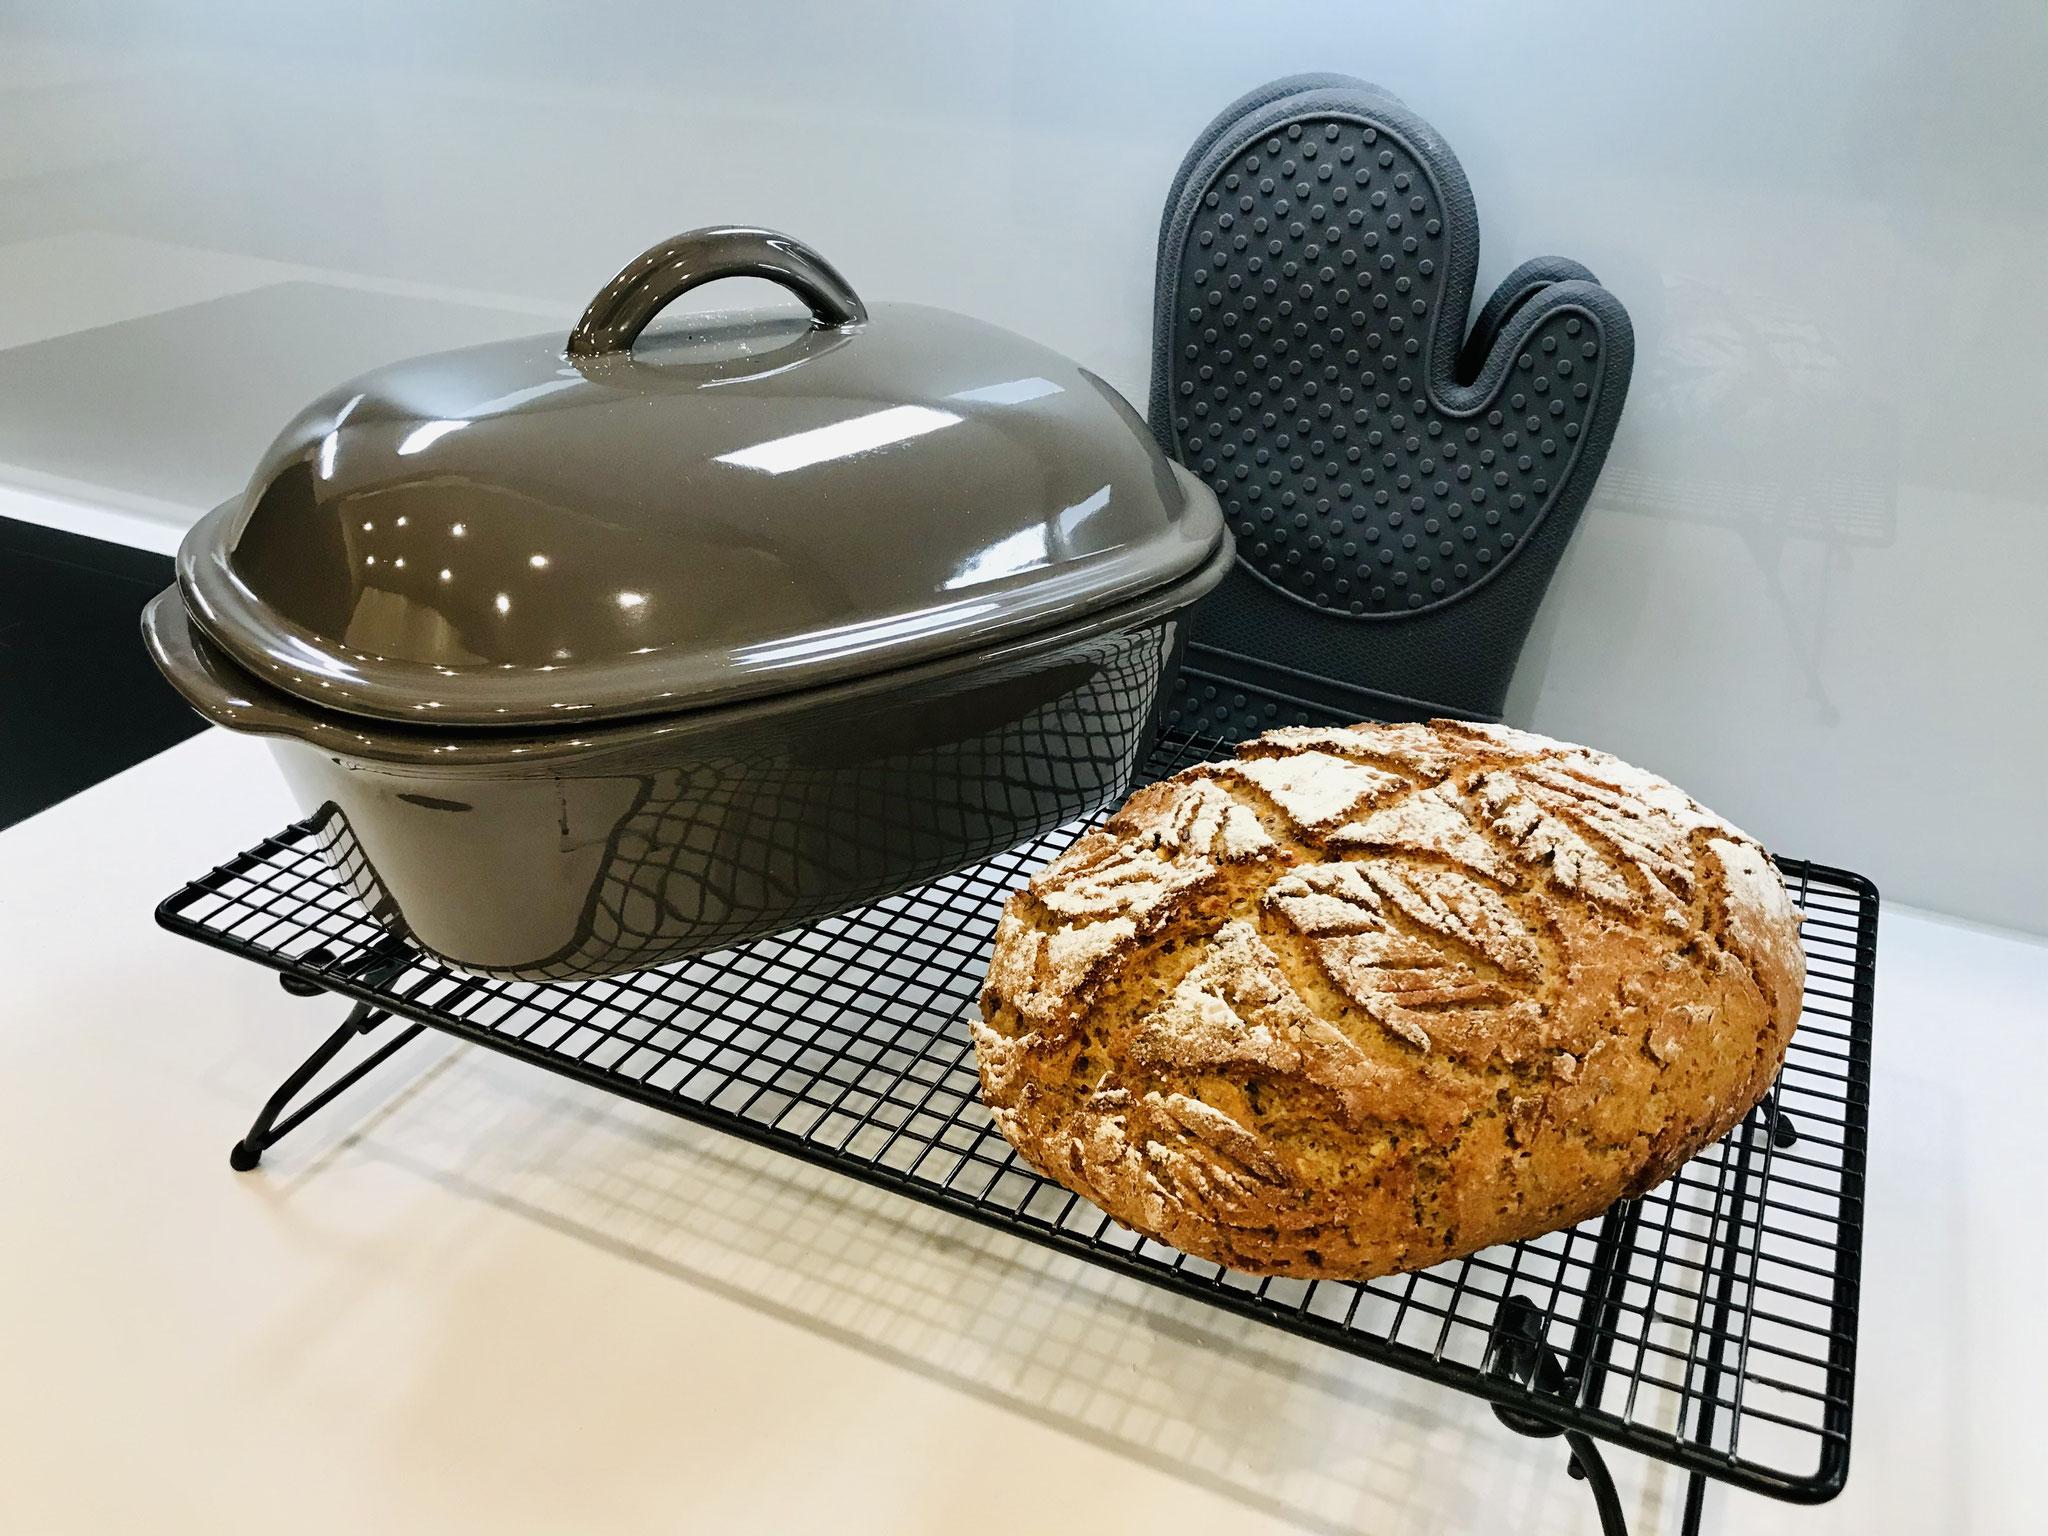 Mit den Silikonhandschuhen Packs An! kannst du die Stoneware sicher aus dem Backofen holen ohne dir dabei die Finger oder Arme zu verbrennen. Das Brot sofort auf das Kuchengitter stürzen und auskühlen lassen...